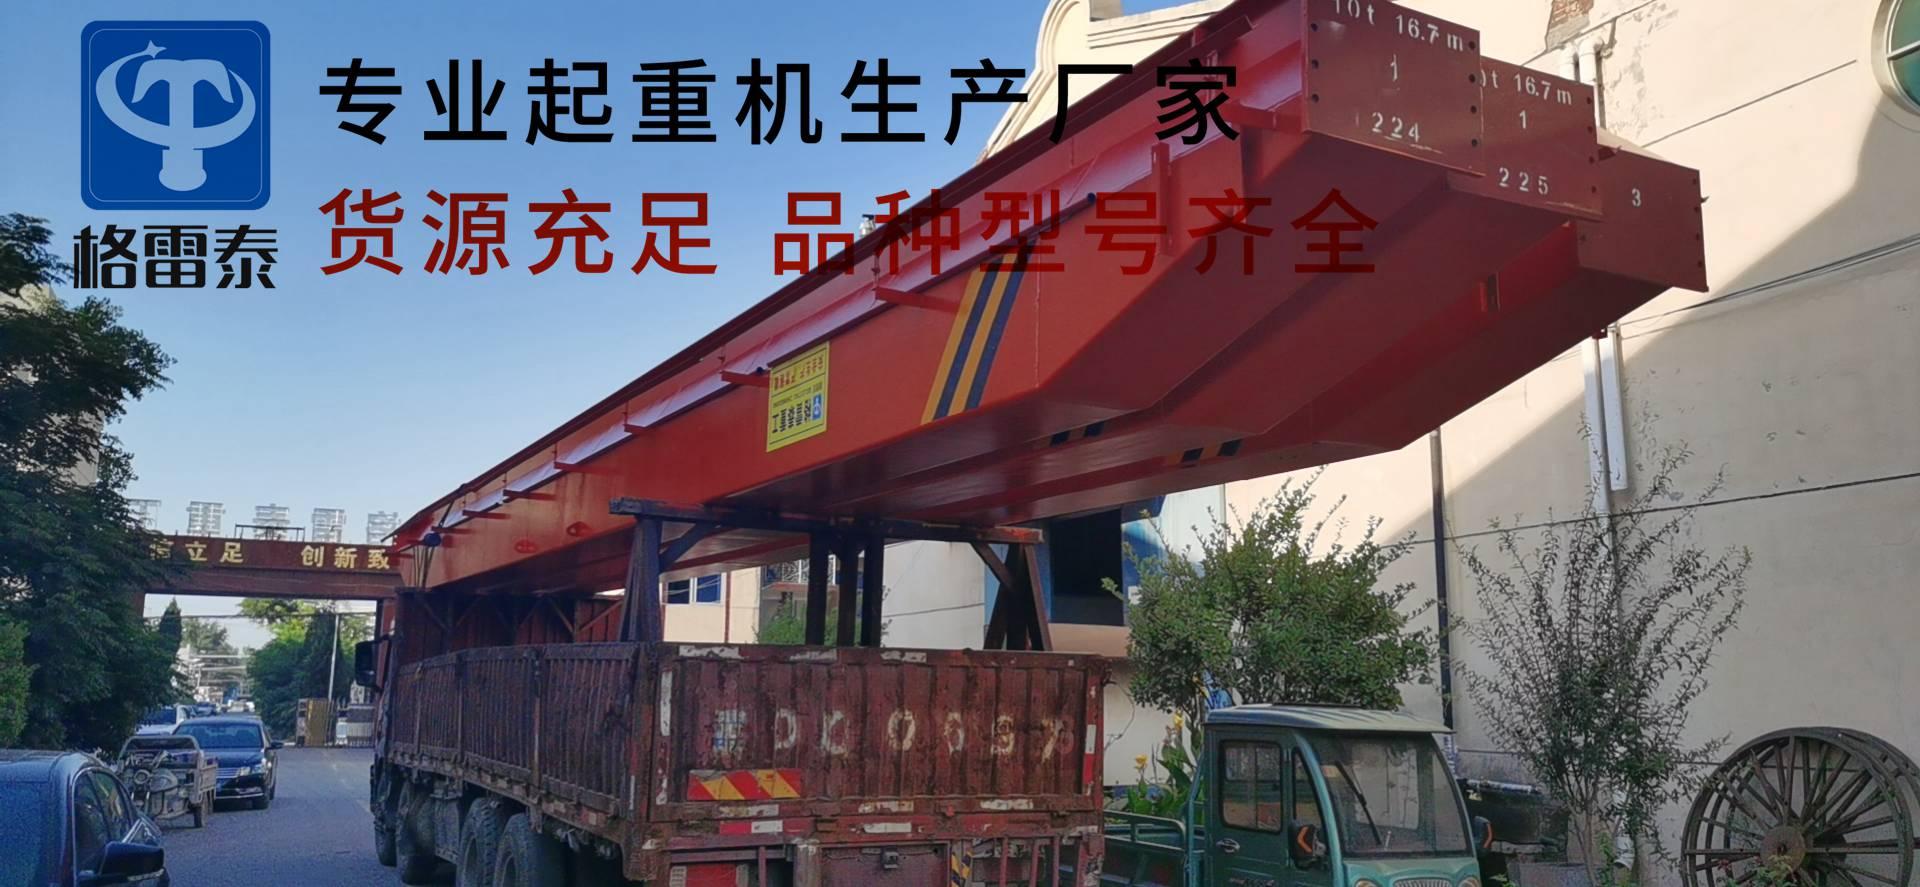 3台桥式起重机发往江西